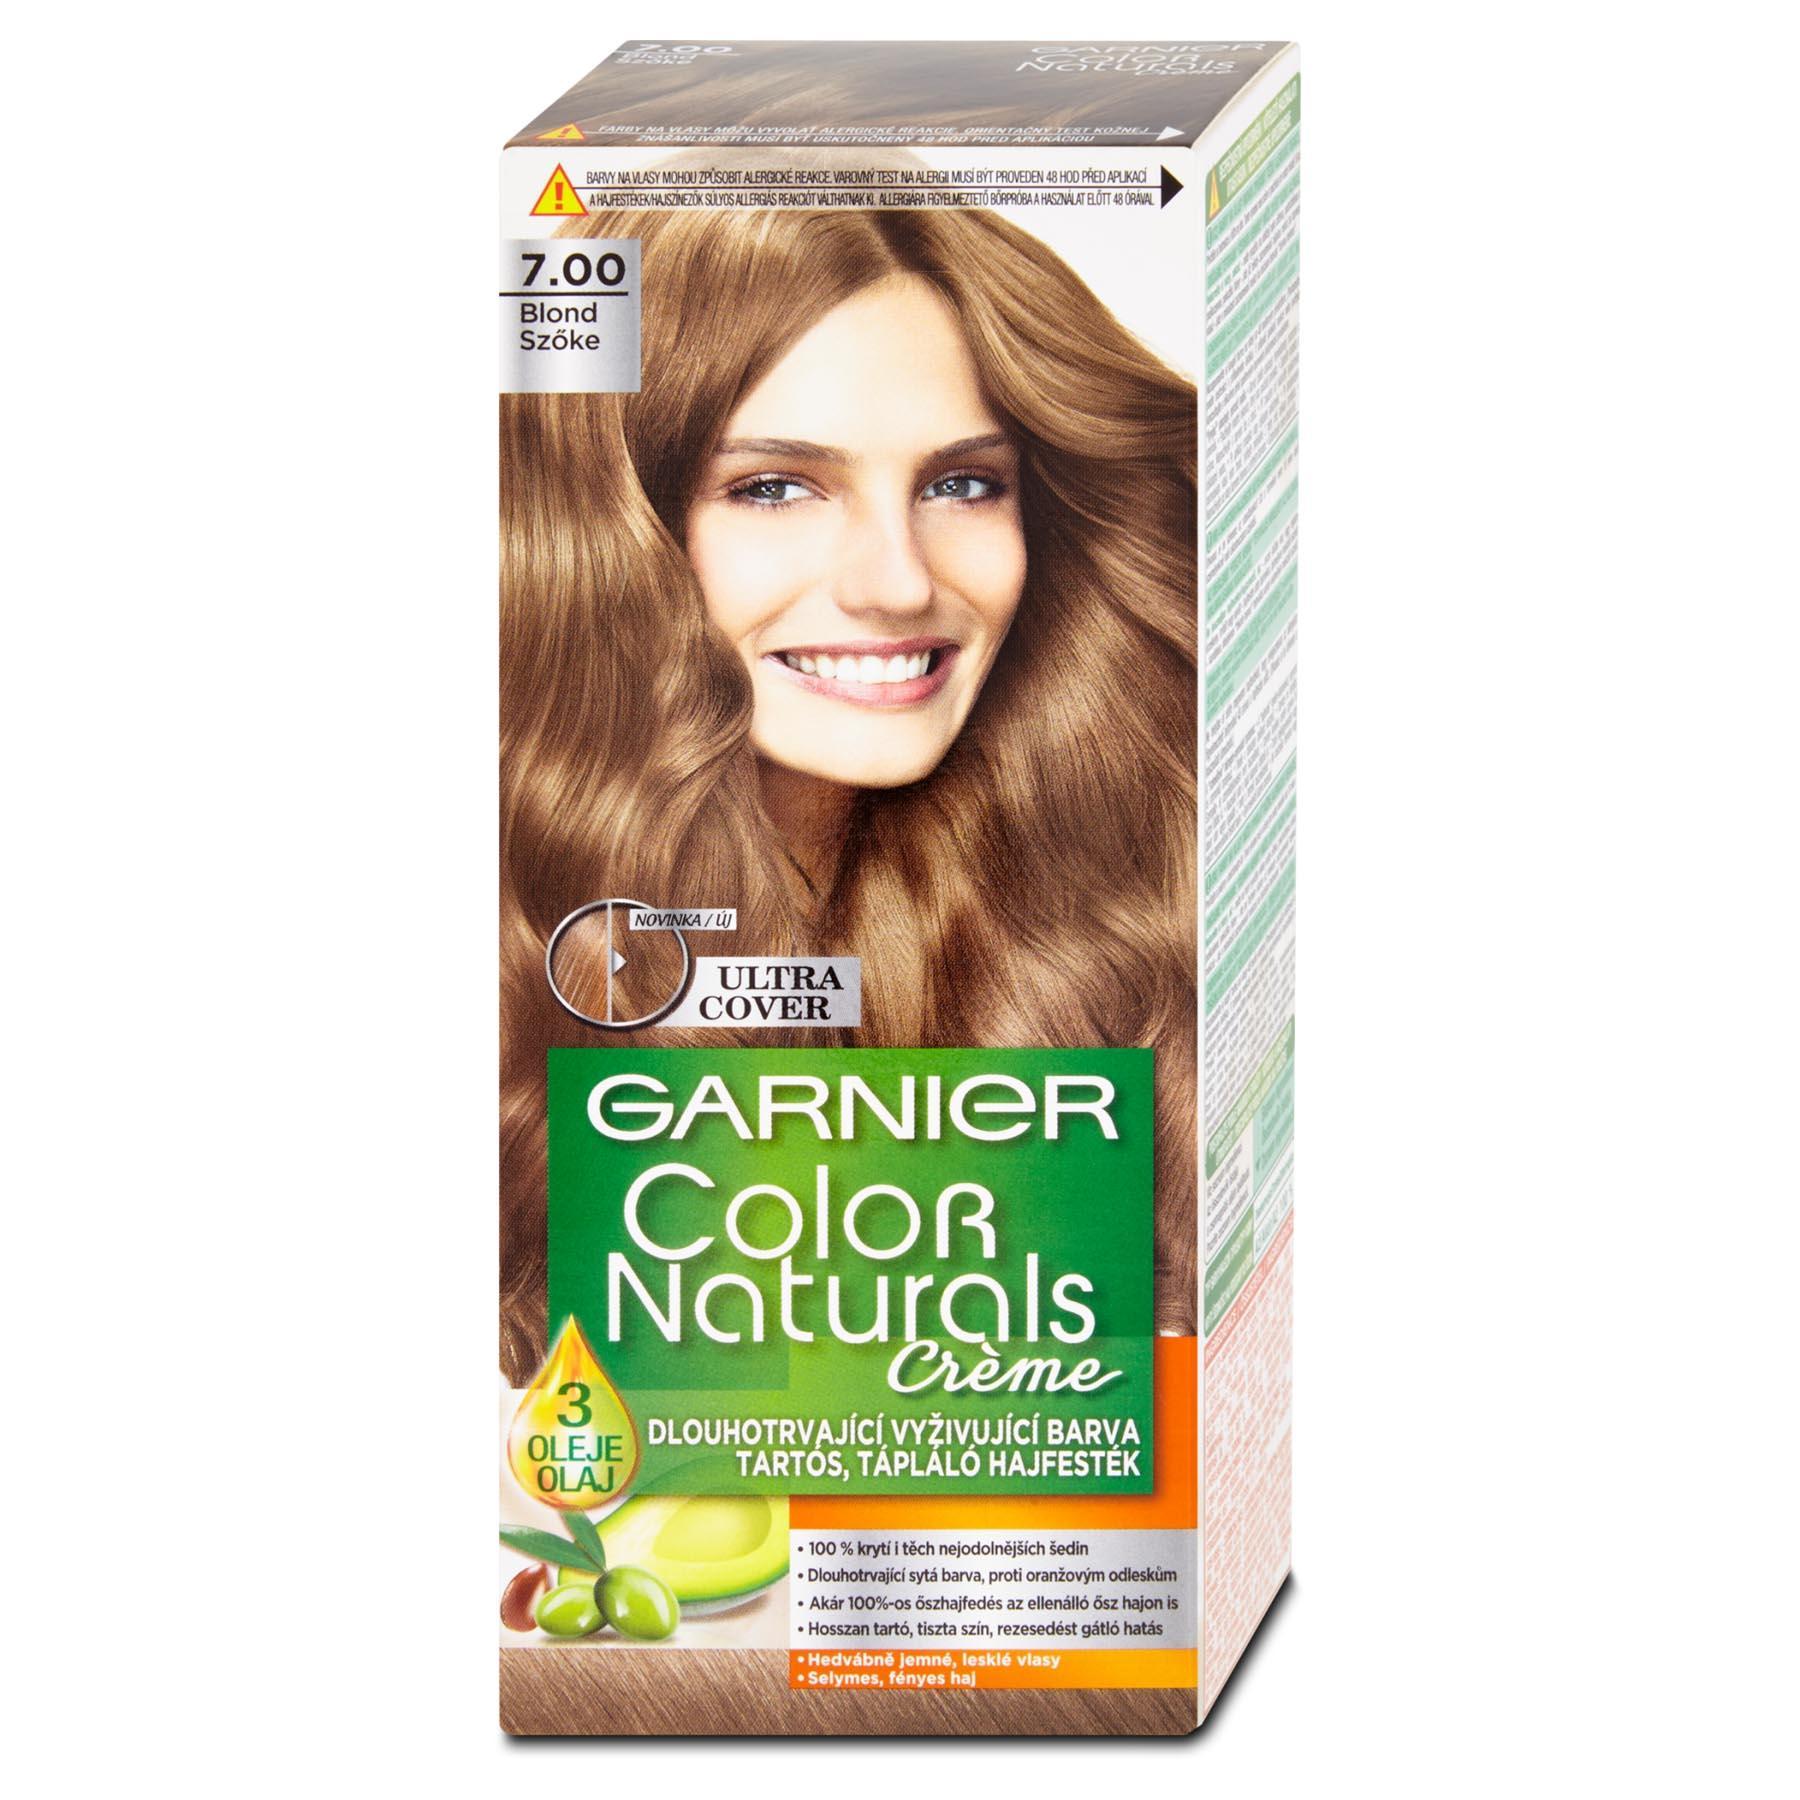 Thuốc nhuộm tóc Garnier nhập khẩu